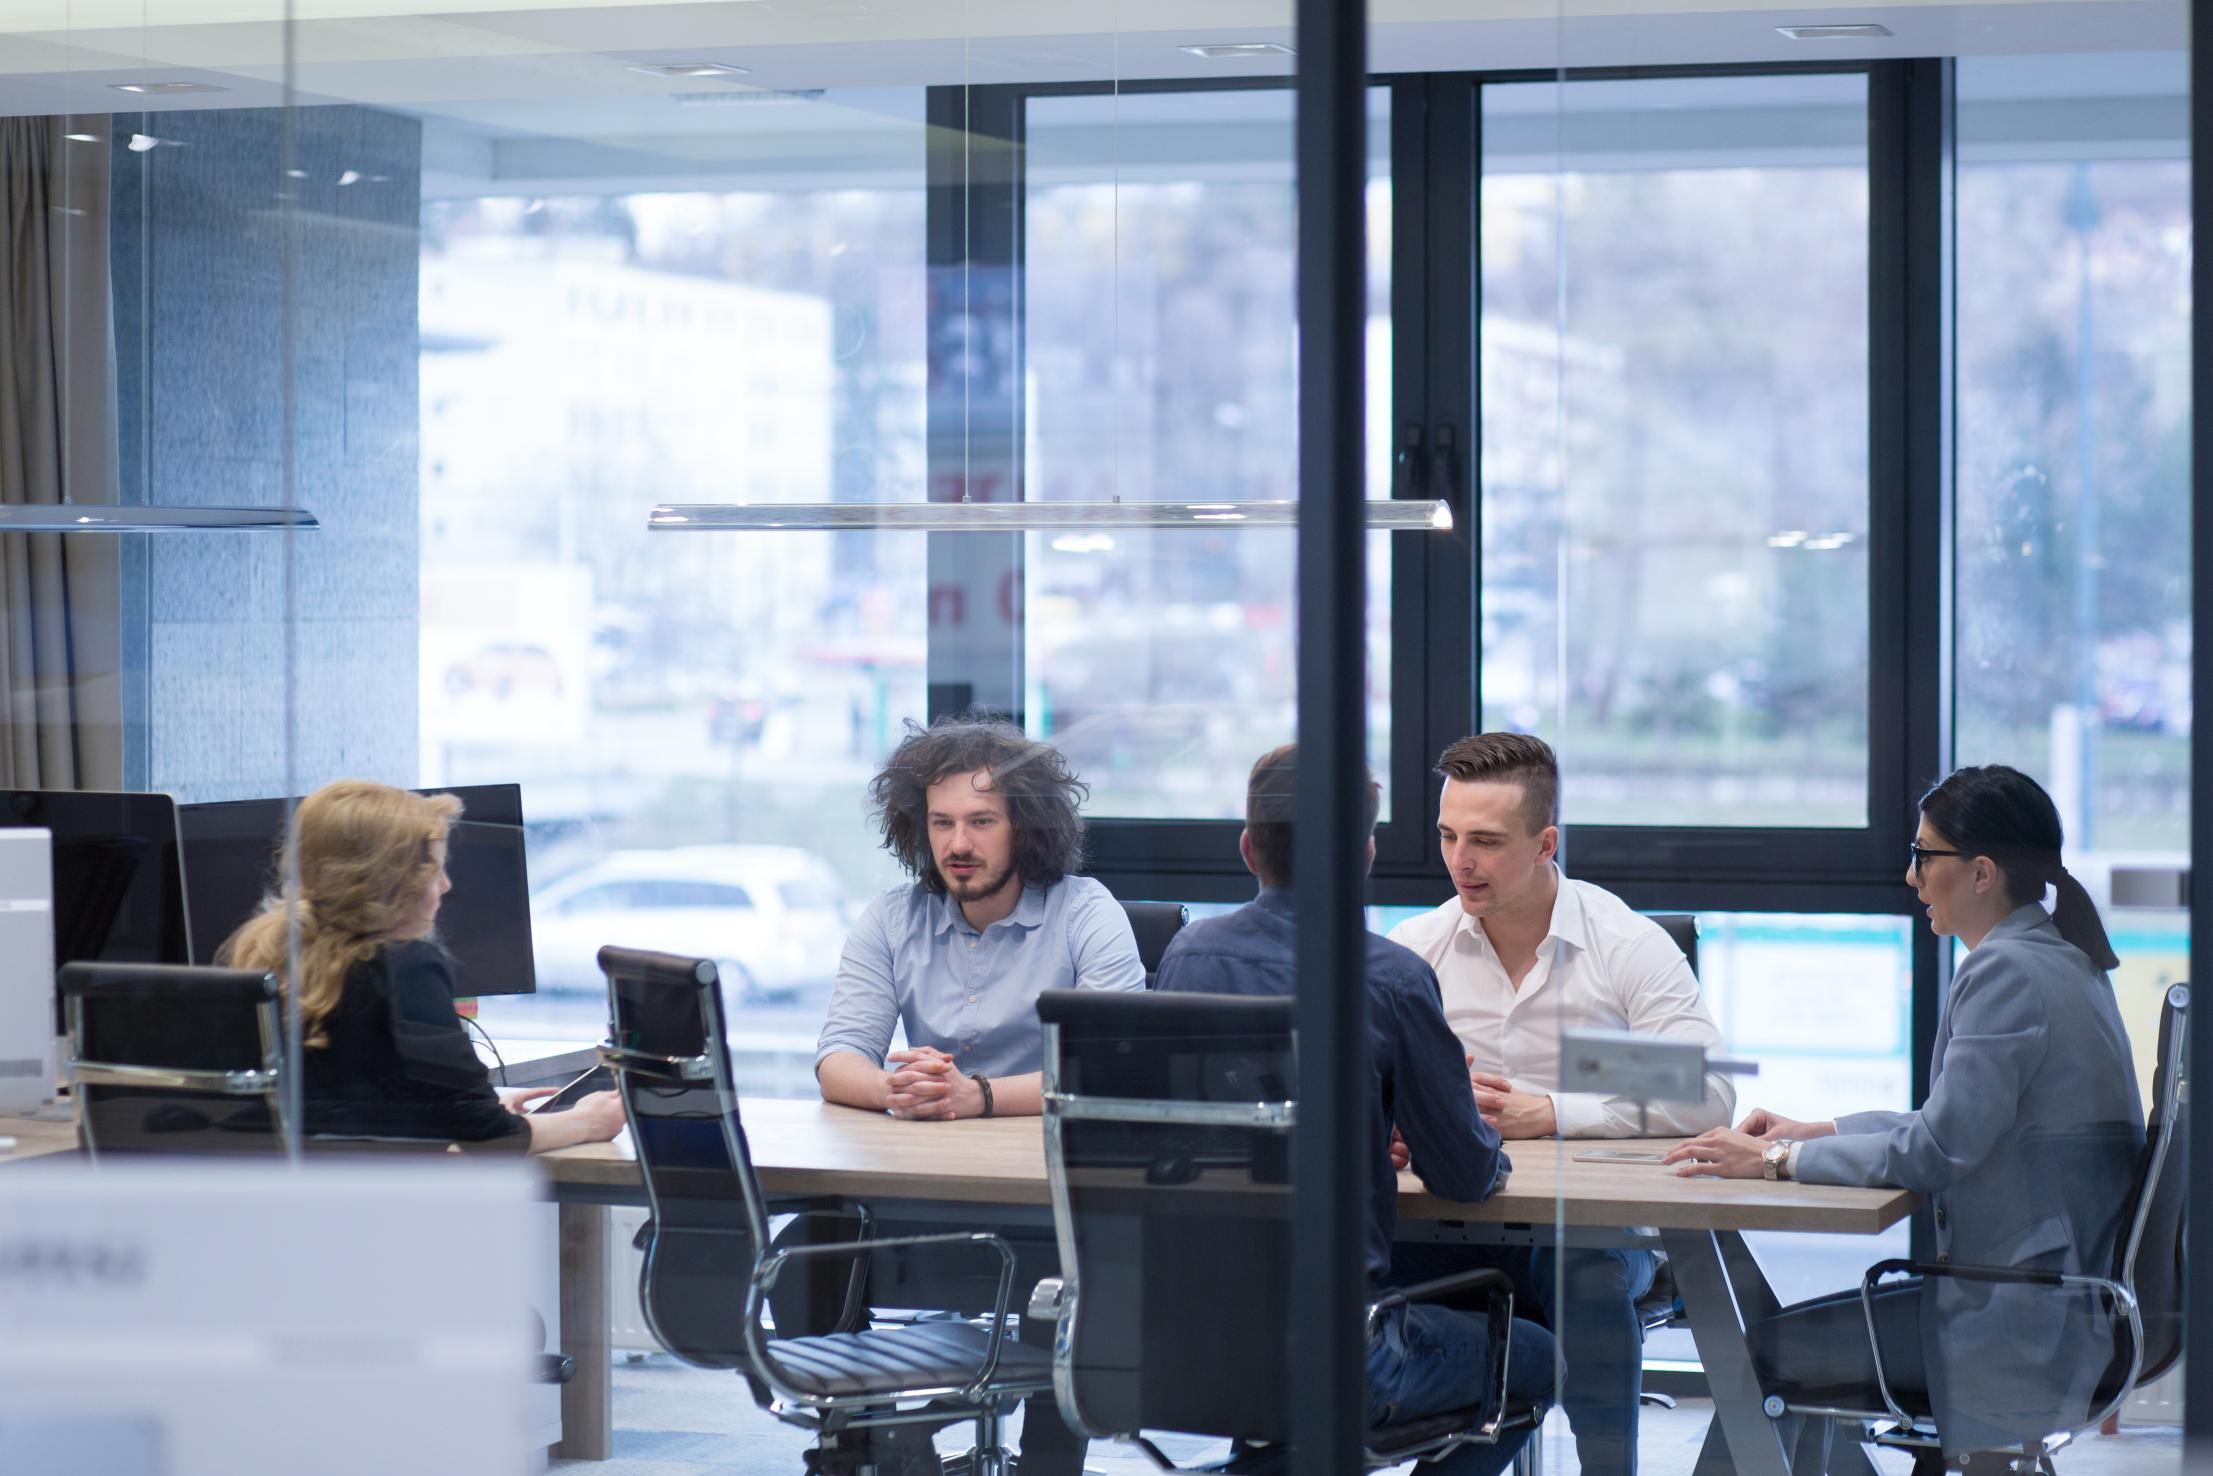 Obecnie rośnie zapotrzebowanie na liderów finansowych z udokumentowanymi wynikami wyprowadzenia firmy z kryzysu (fot. shutterstock)